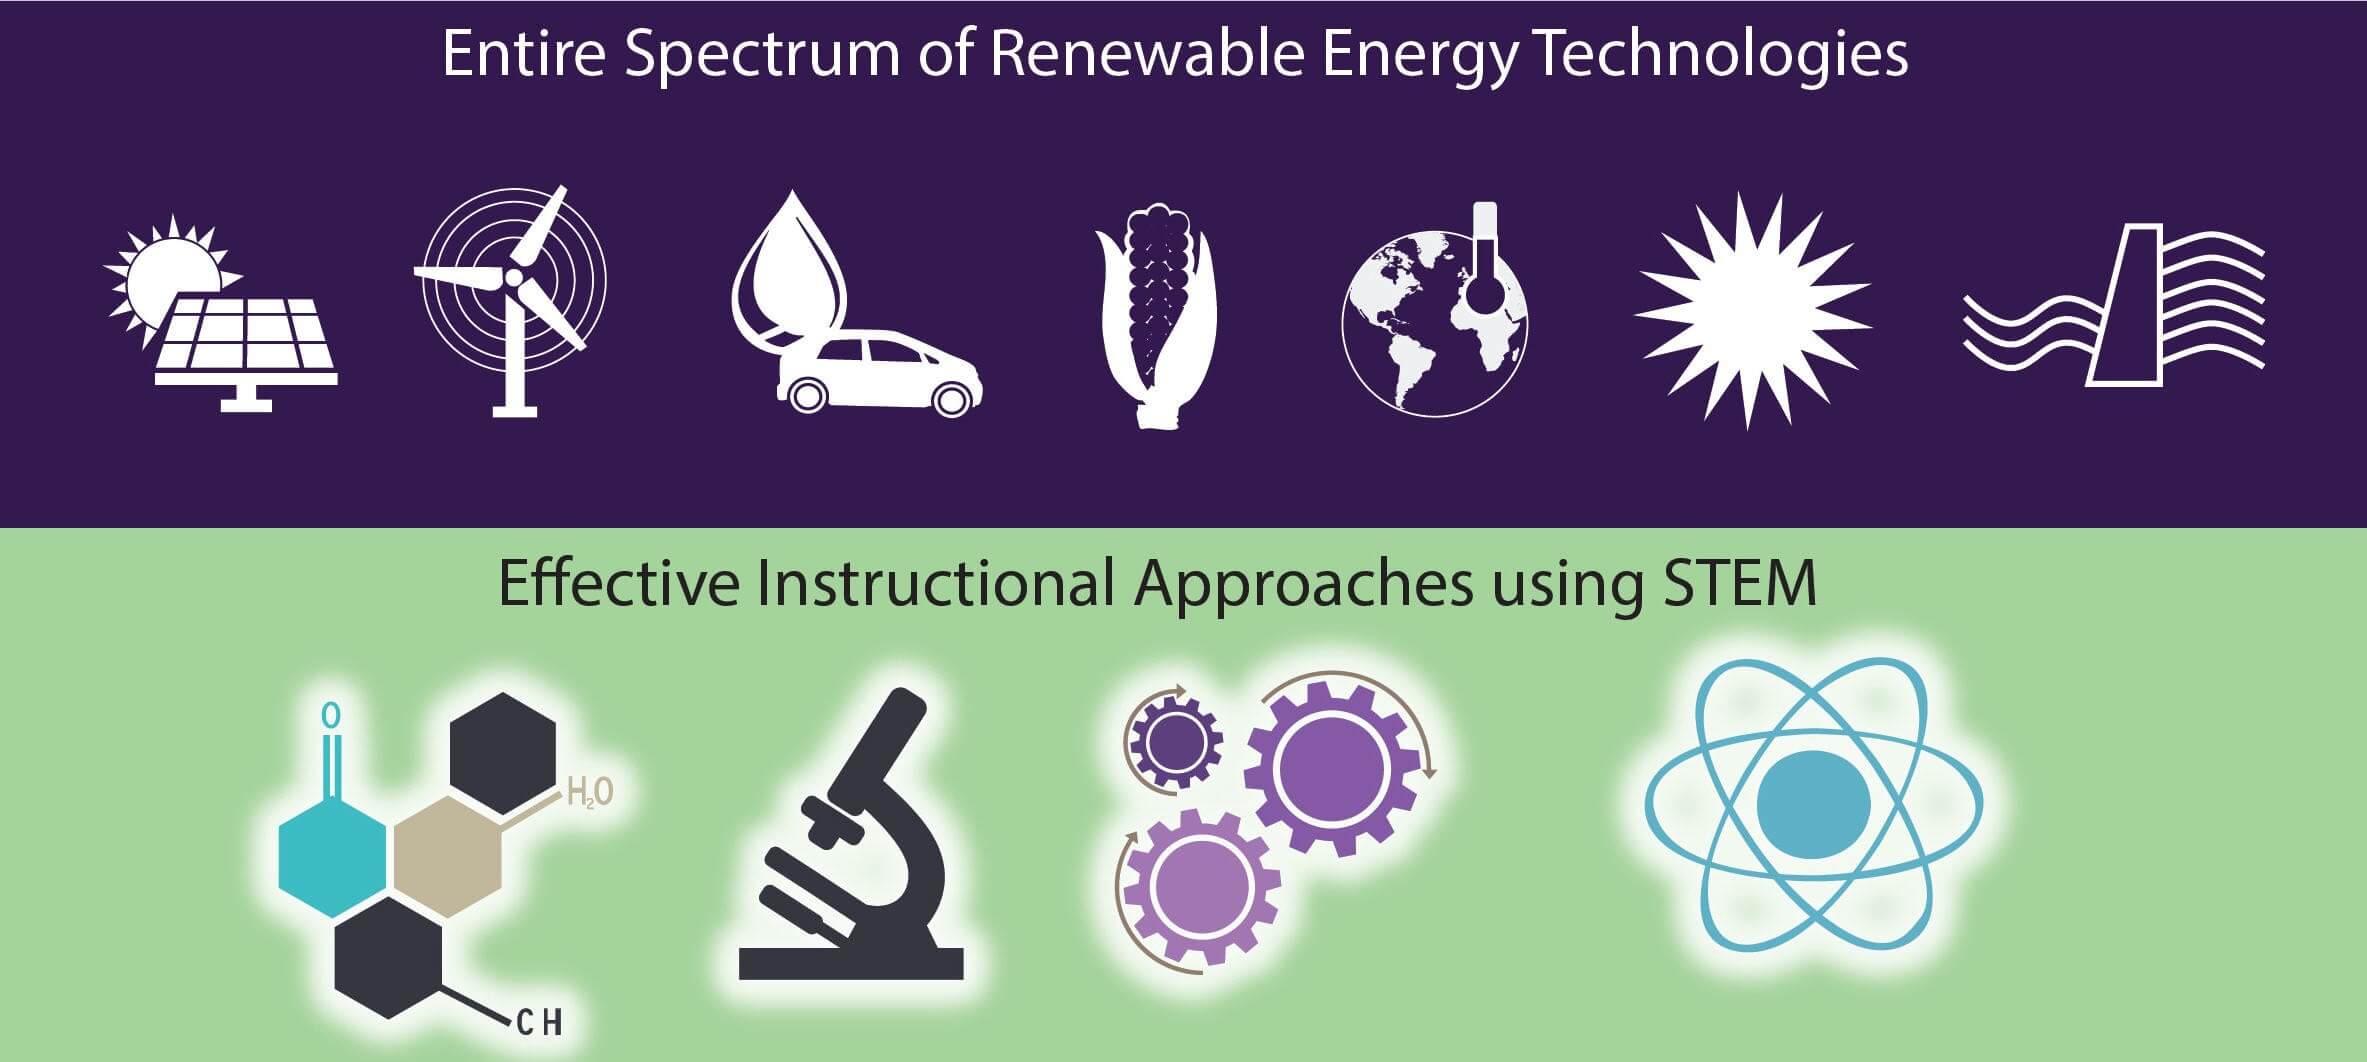 Learning renewable energy technologies.